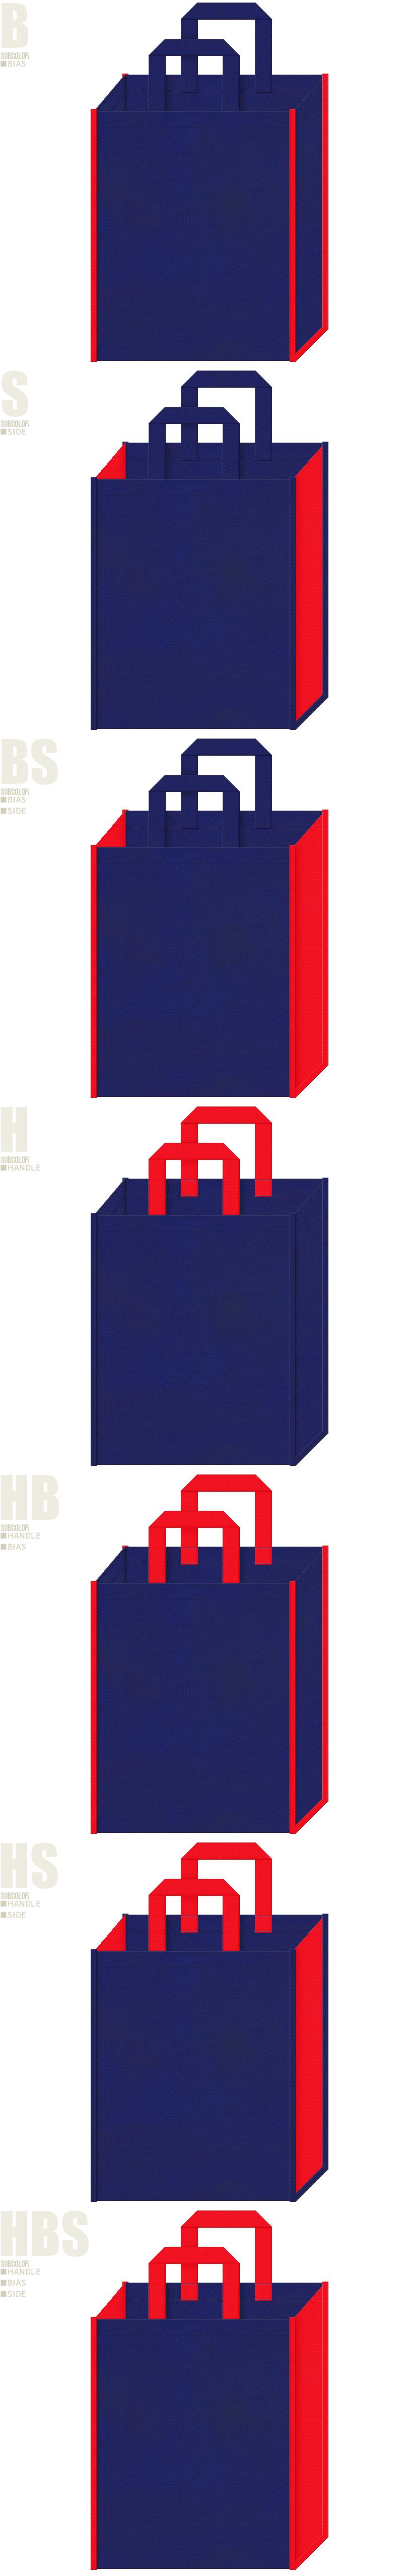 夏祭り・縁日・法被・花火大会・金魚すくい・サマーイベントにお奨めの不織布バッグデザイン:明るい紺色と赤色の配色7パターン